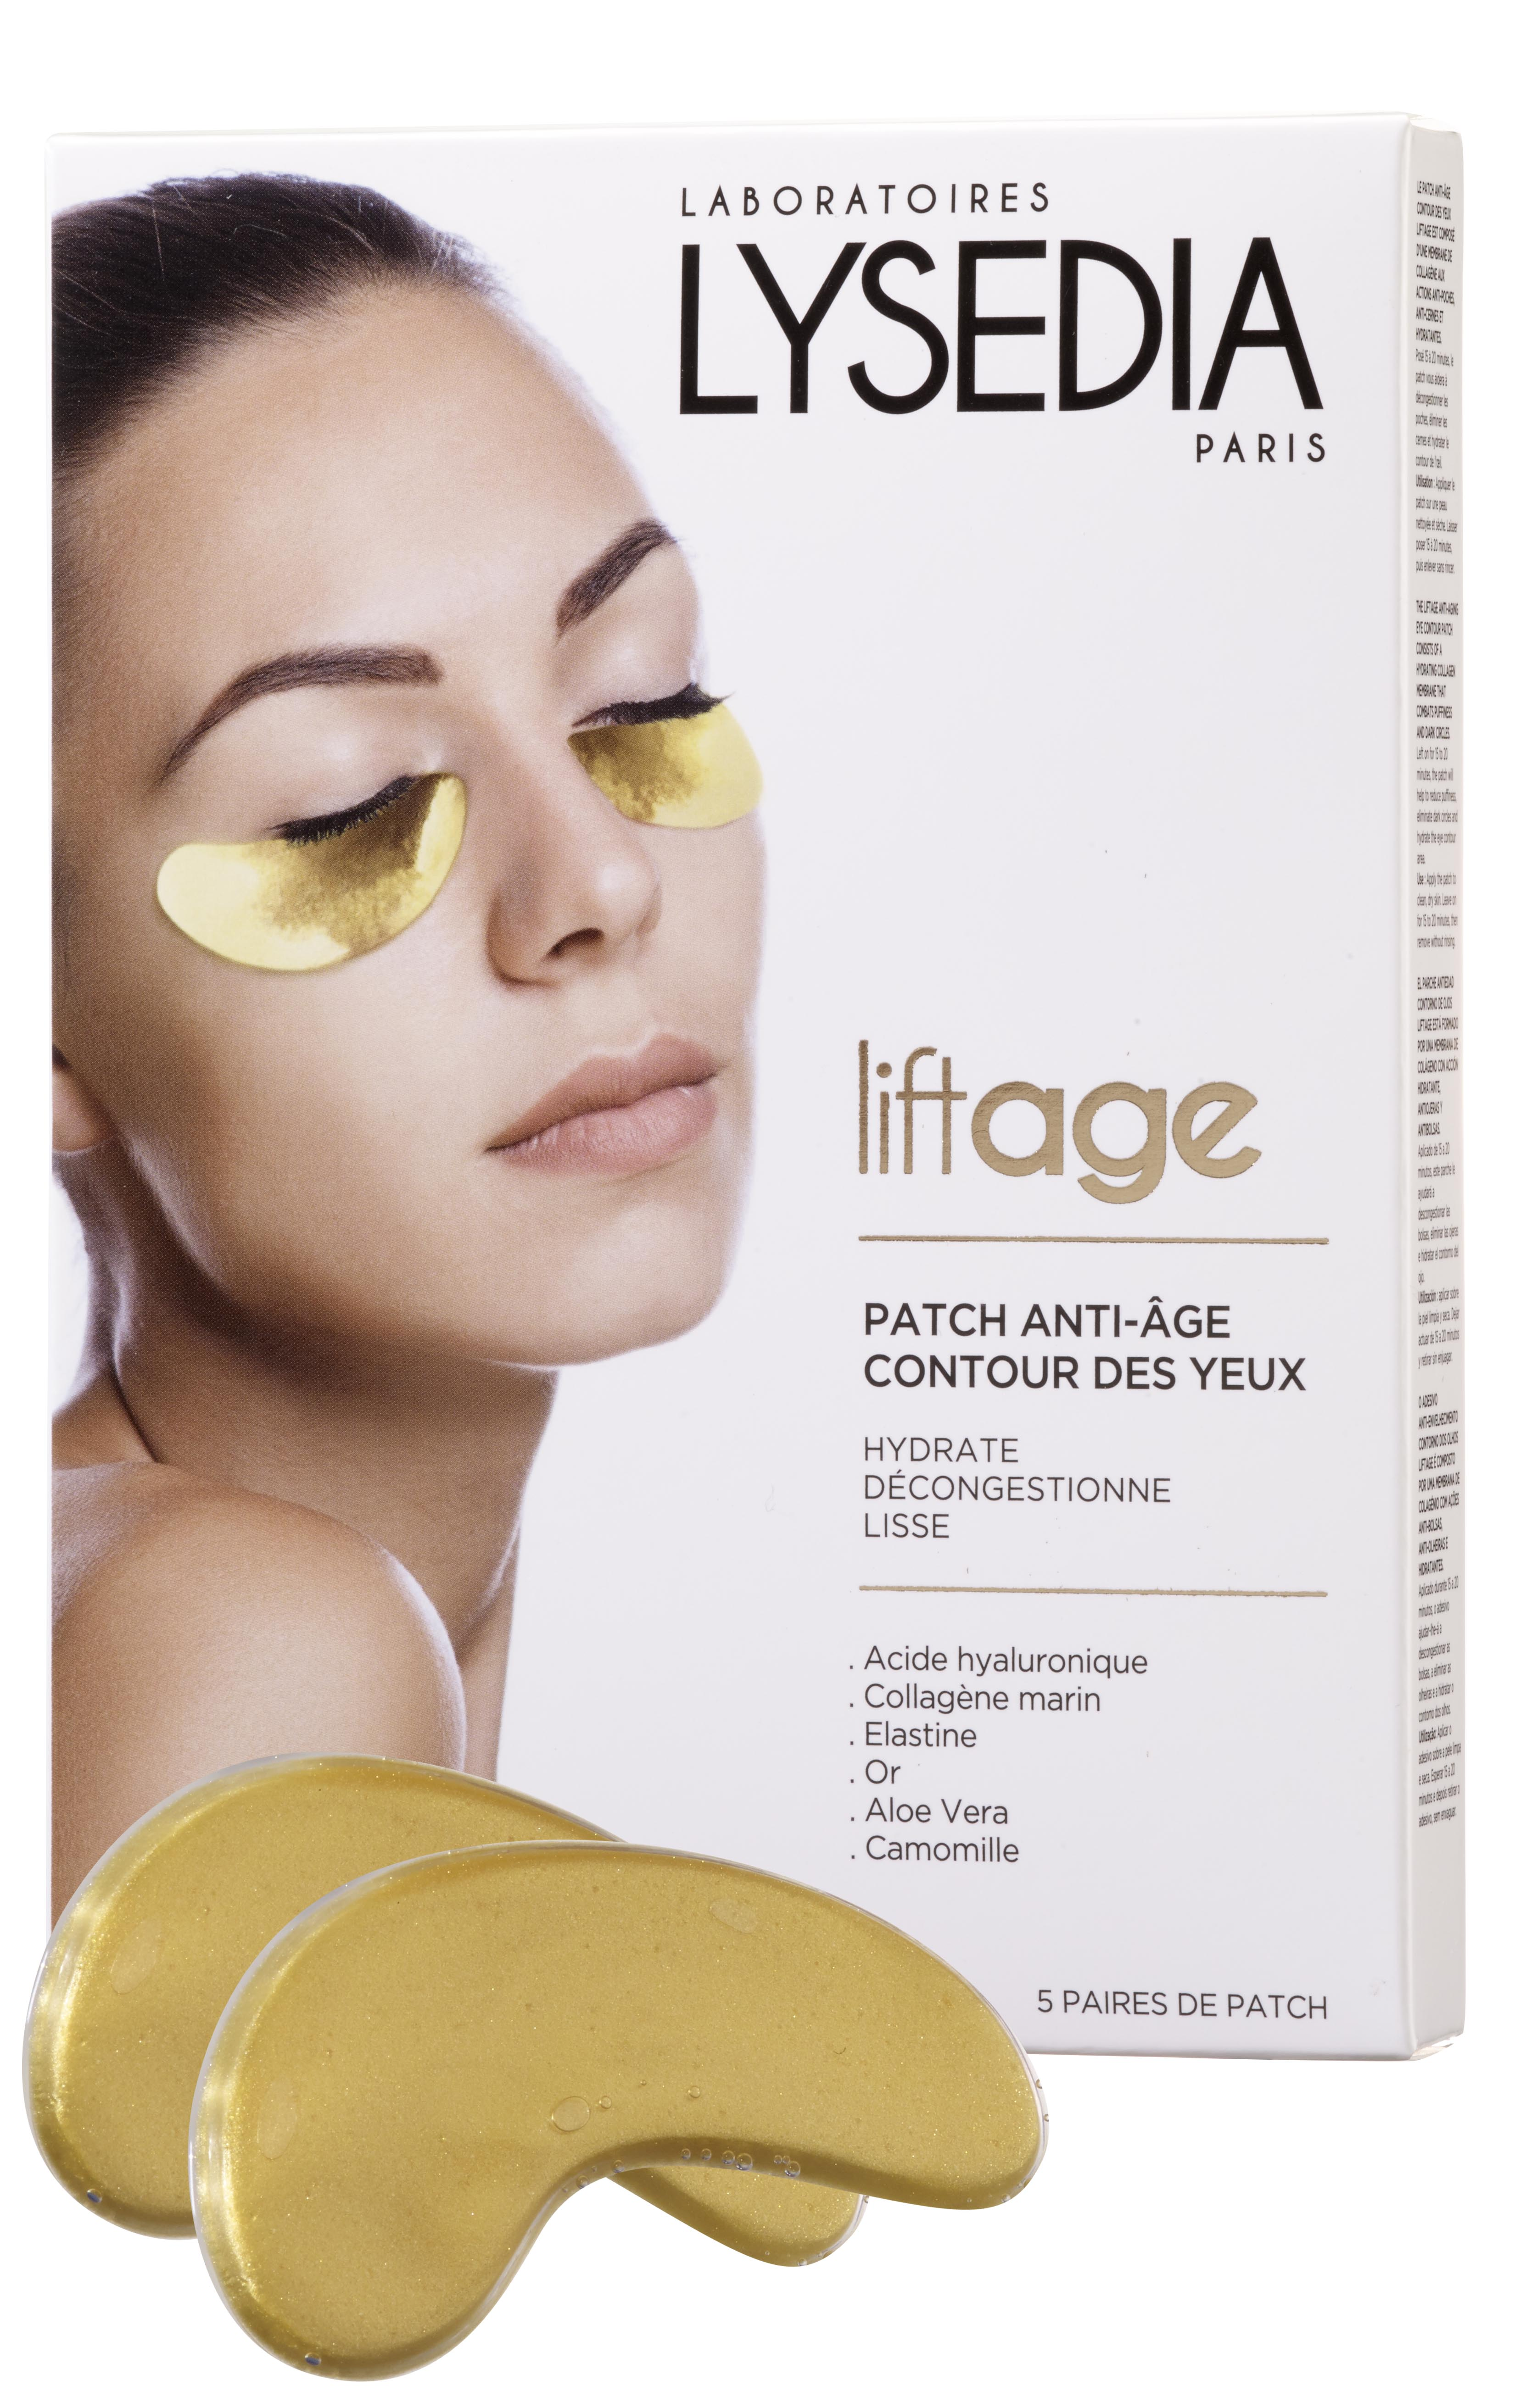 Patch anti ge contour des yeux patch anti ge - Contour des yeux acide hyaluronique ...